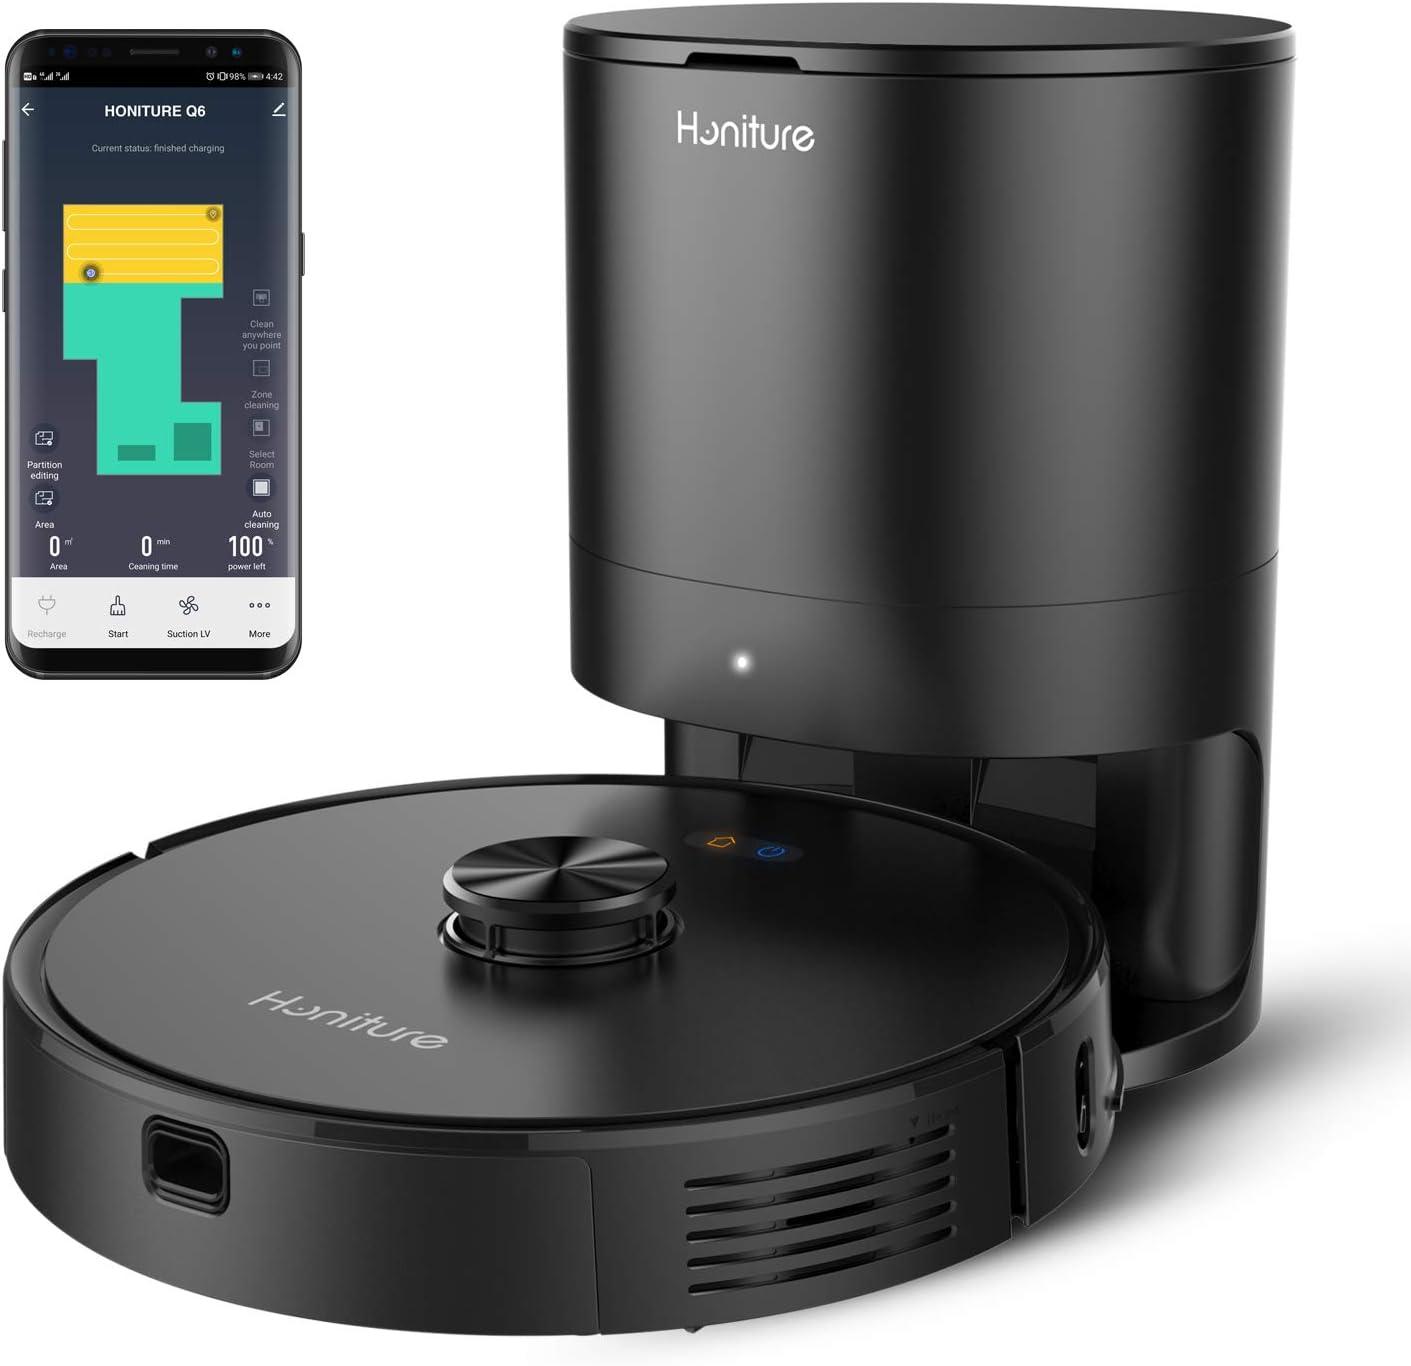 Robot Aspirador,Honiture Q6 WiFi Robot Aspirador y fregasuelos 2700Pa,Vaciado Auto,Navegación Láser,Control por App y Alexa para Alfombras y Madera Dura